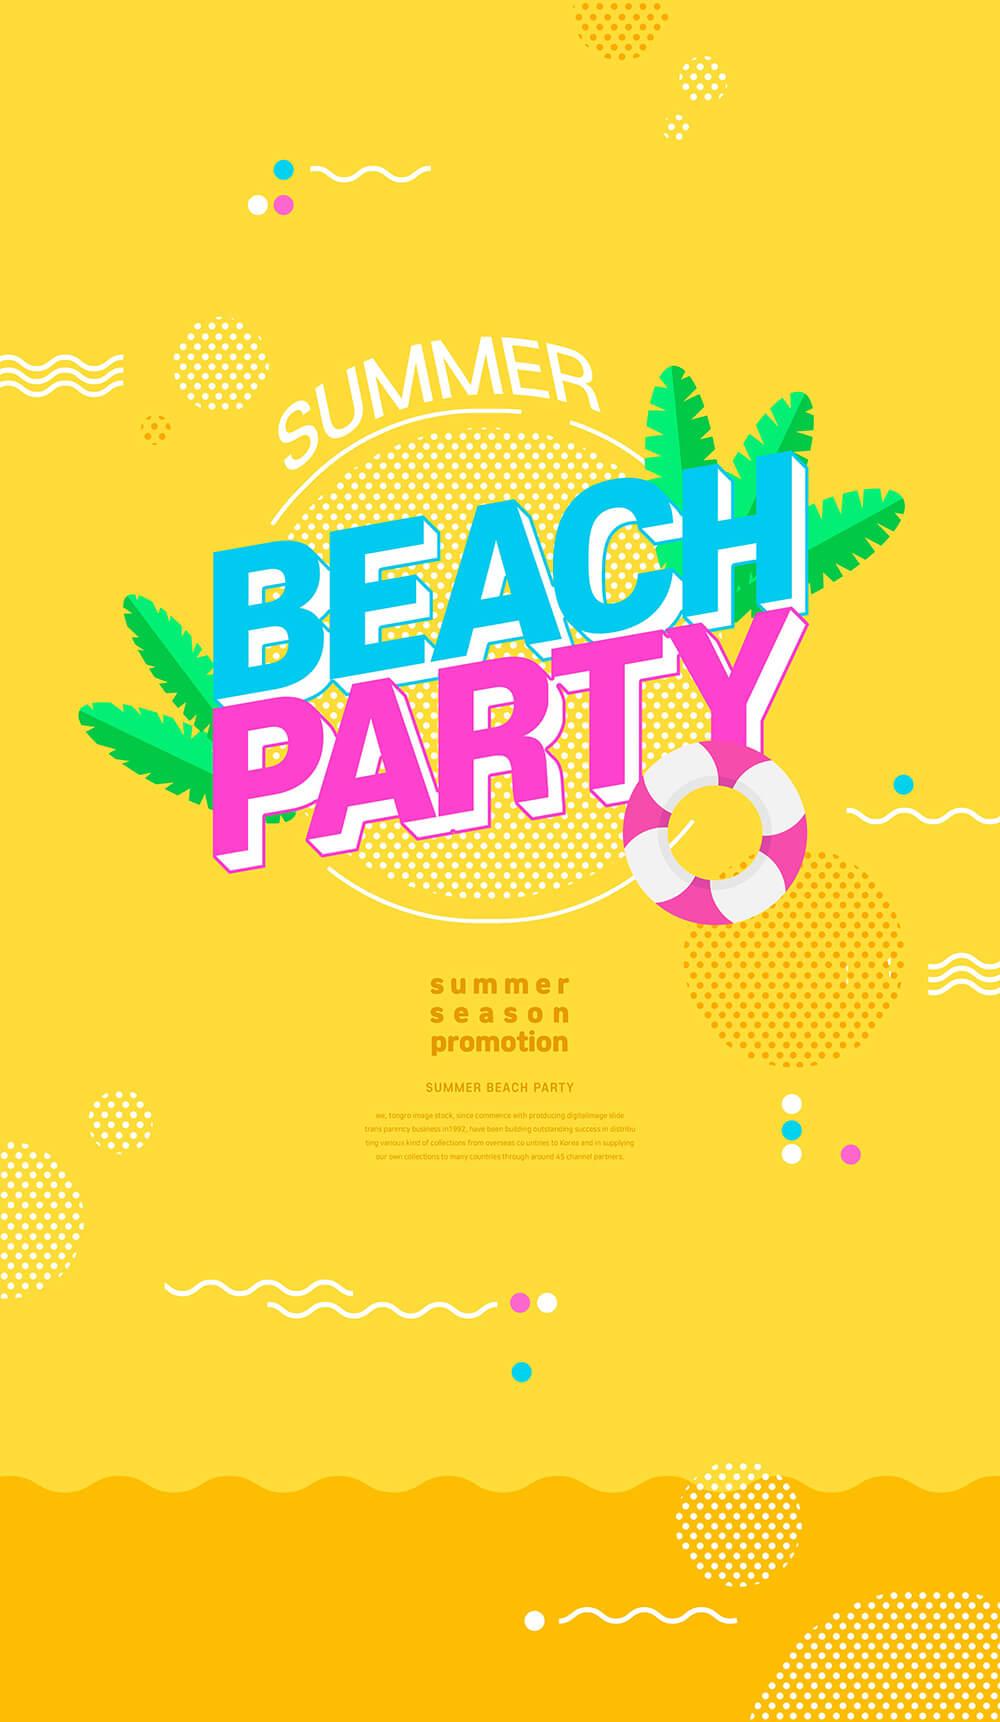 酷暑夏季橙色海滩派对海报设计模板designshidai_haibao56